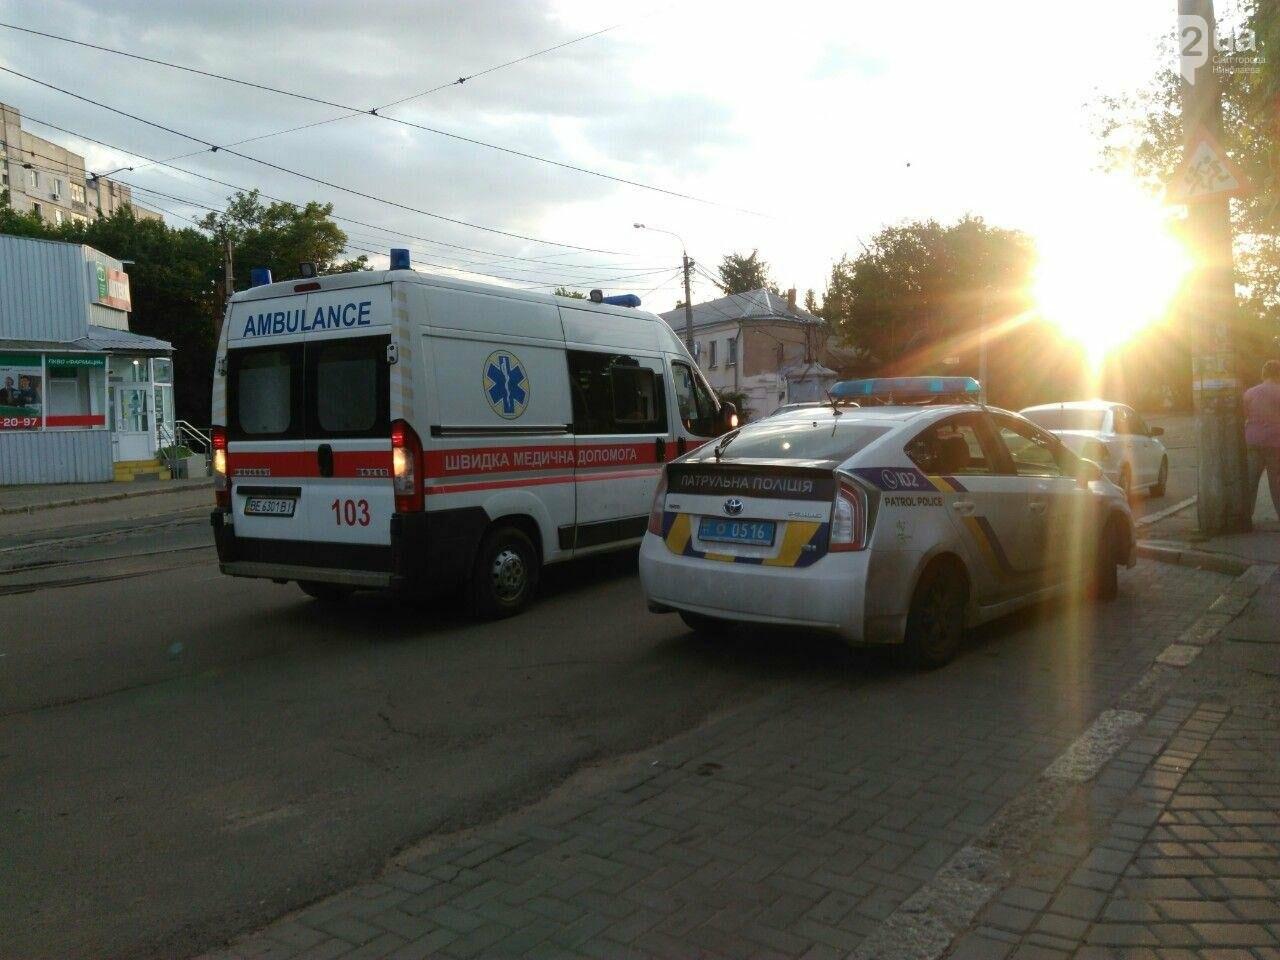 В Николаеве мотоциклист разбил зеркало на автомобиле и скрылся с места ДТП, - ФОТО, фото-1